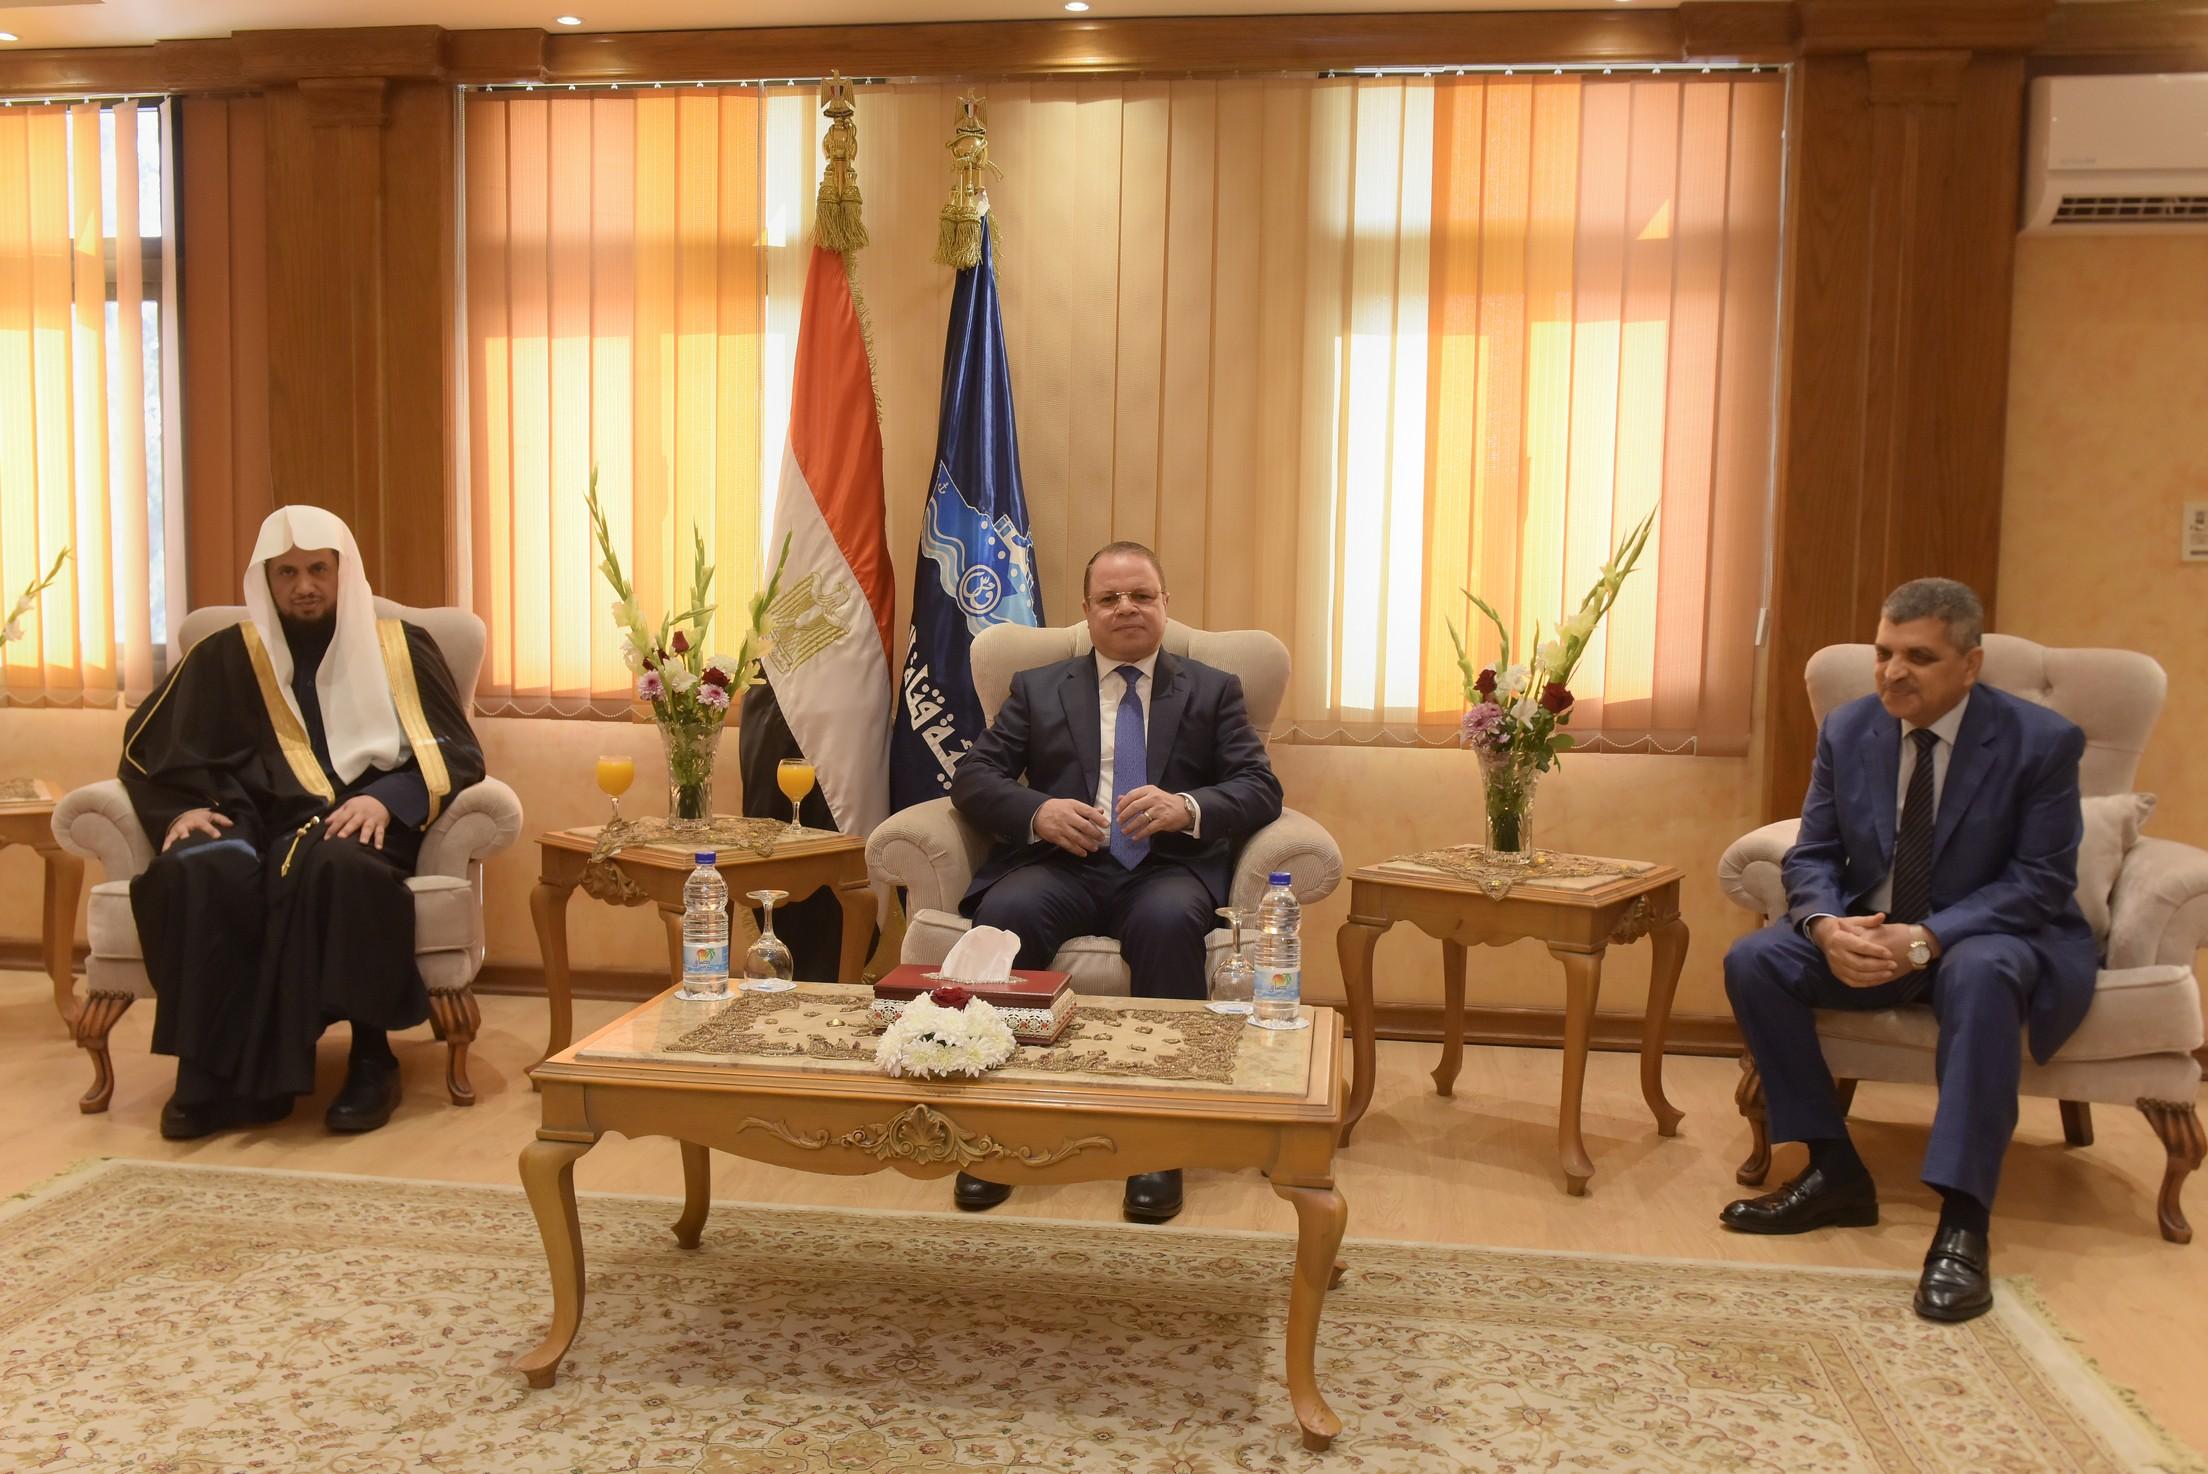 الفريق أسامة ربيع يستقبل النائب العام المصرى والسعودي (3)